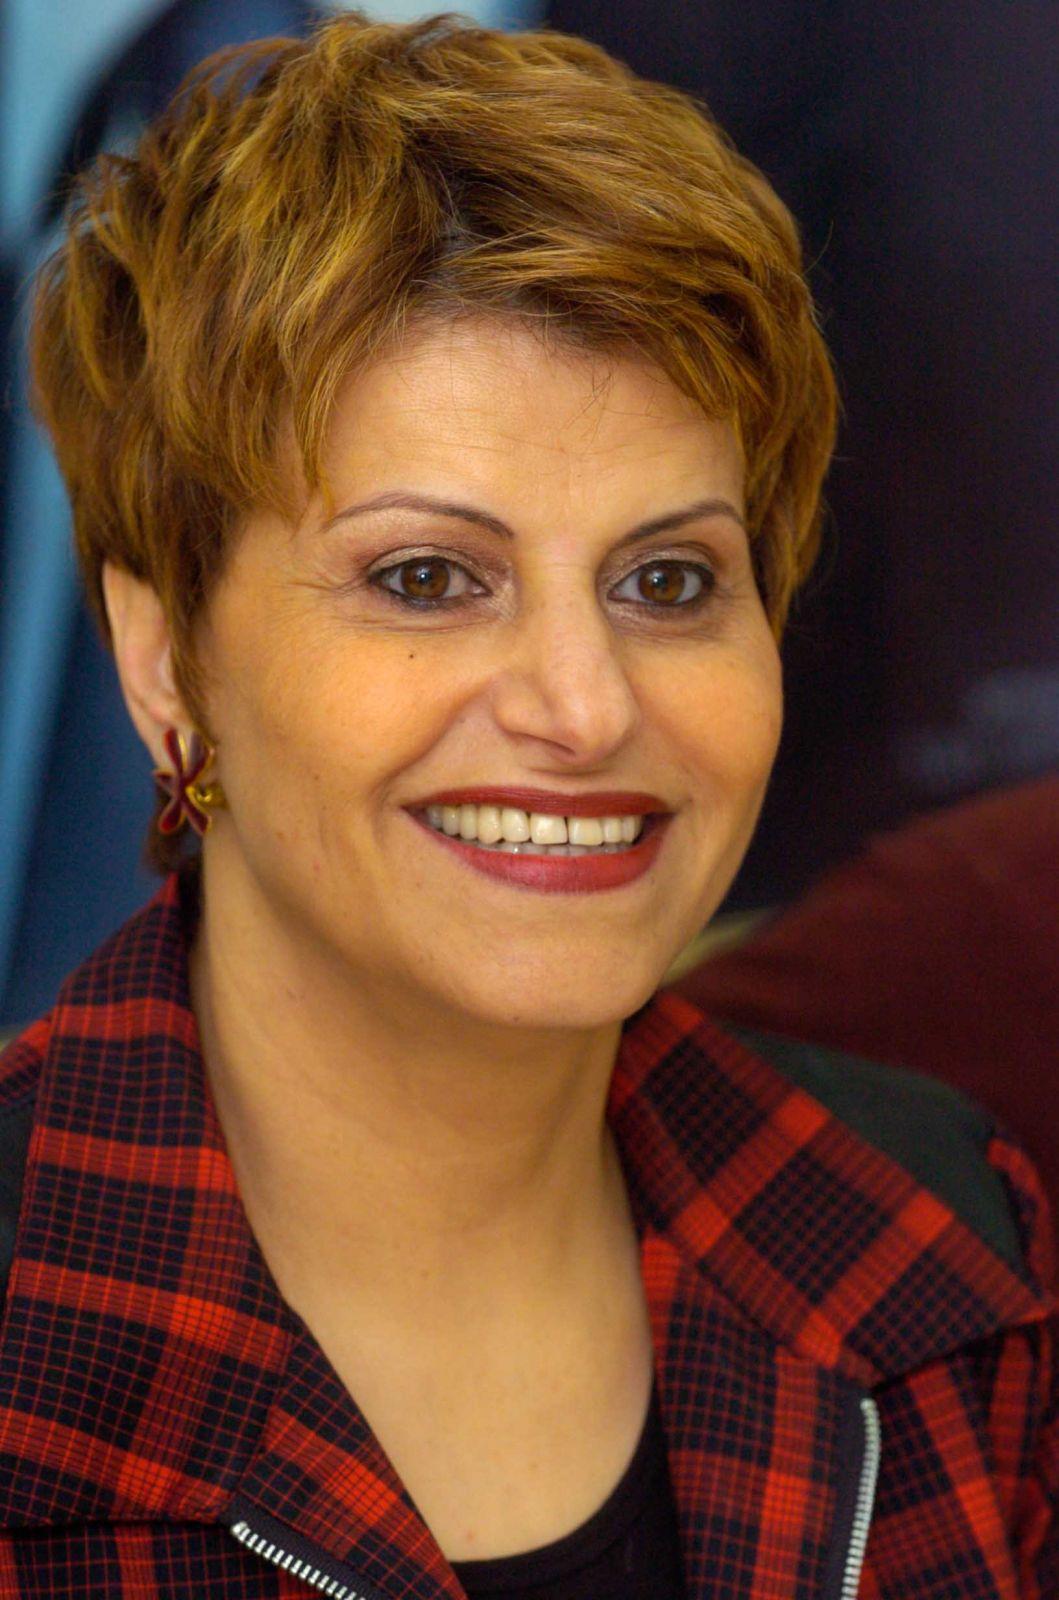 דליה איציק, 2006 (צילום: פלאש 90)